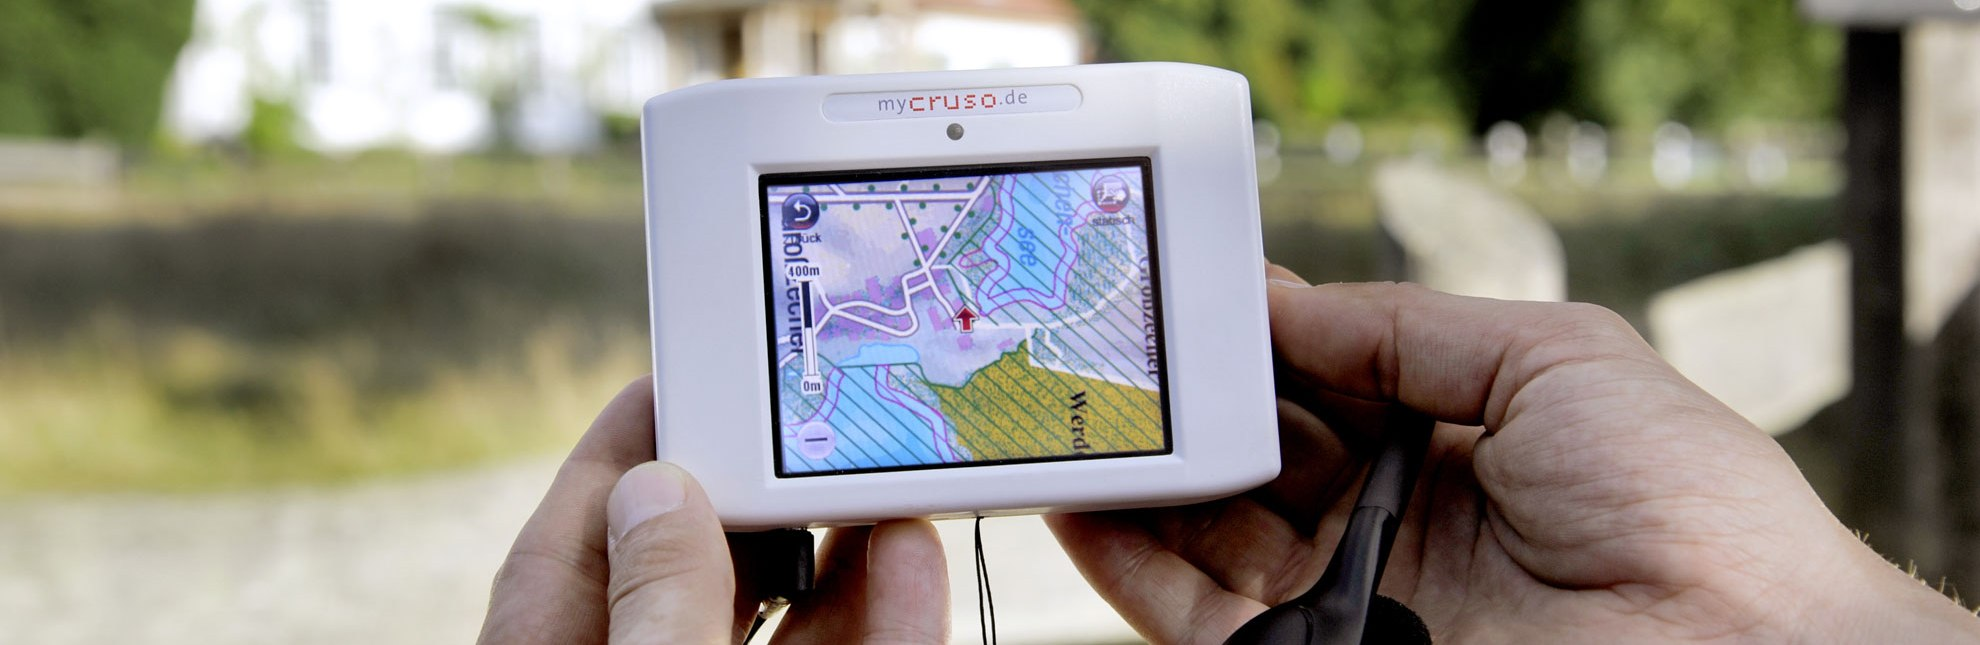 """Der """"Cruso"""" ist ein GPS-gestützten Informationsgerät, das über Fauna und Flora auf der Wegstrecke informiert., © photocompany GmbH / HLMS GmbH"""